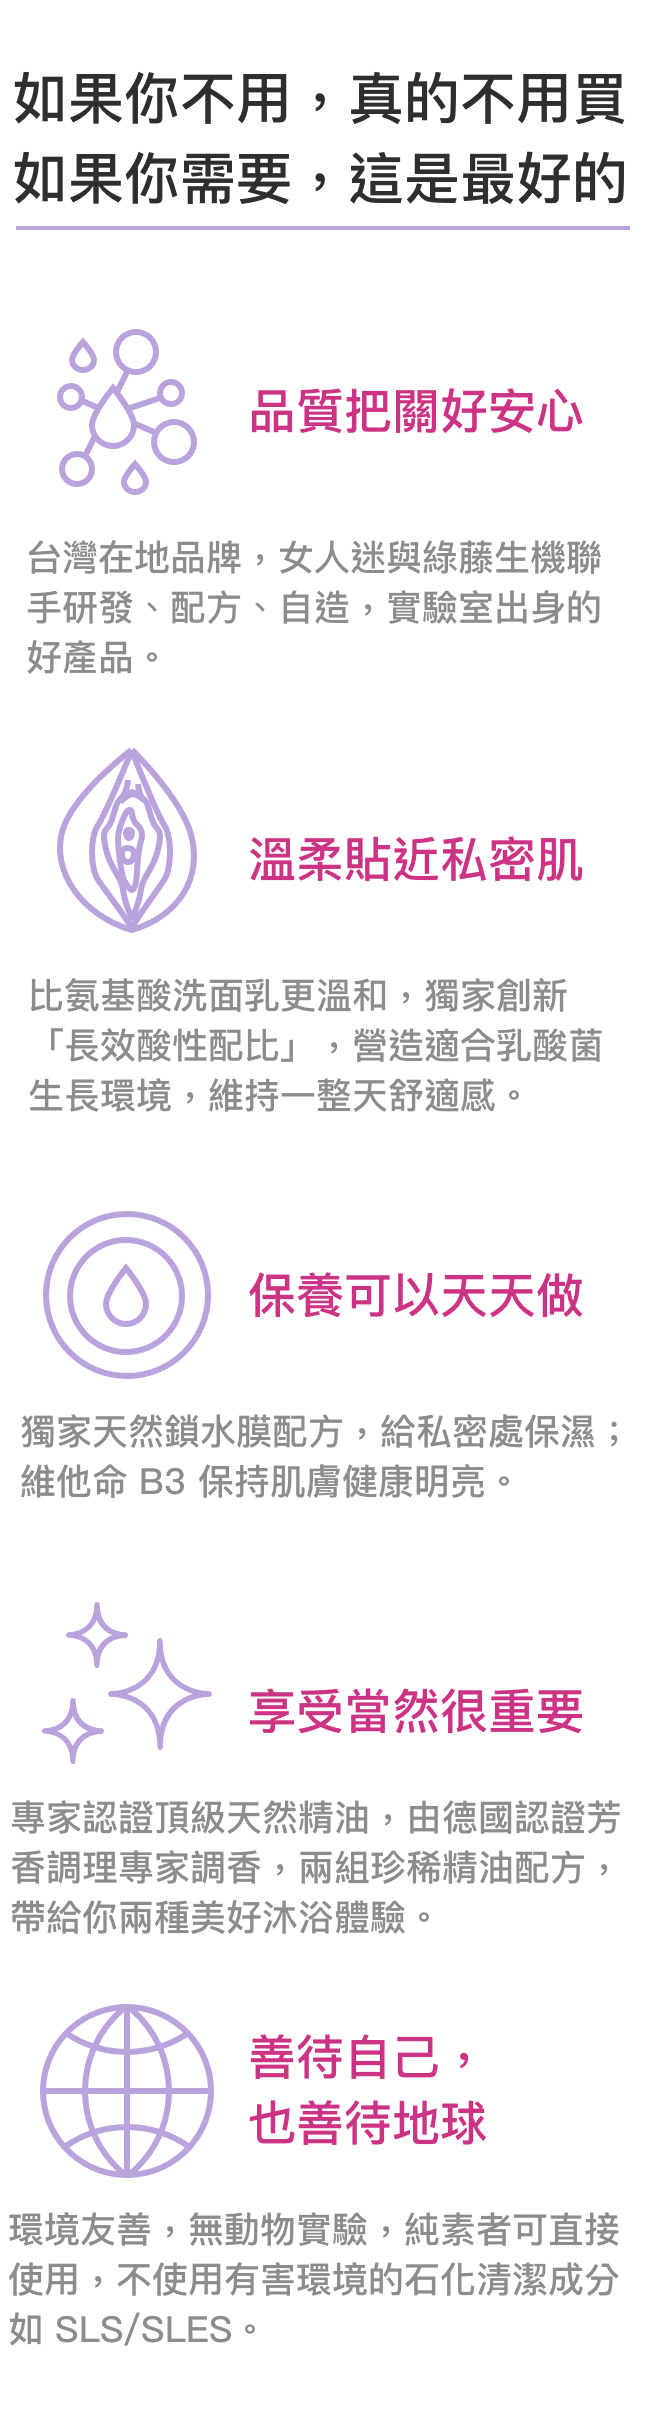 就是用料這麼實在,才敢說它是一瓶最美好的私密沐浴露- 台灣品牌,實驗室出身|由女人迷與綠藤生機聯手研發、配方、自造的好產品。- 比氨基酸洗面乳更溫和|獨家創新「長效酸性配比」,營造適合乳酸菌生長環境,維持一整天舒適感。- 改善困擾,保濕、保養|獨家天然鎖水膜配方,給私密處保濕;維他命 B3 保持肌膚健康明亮。- 環境友善,善待地球|無動物實驗,純素者可直接使用,不使用有害環境的石化清潔成分如 SLS/SLES。- 專家認證頂級天然精油|由德國認證芳香調理專家調香,兩組珍稀精油配方,帶給你兩種美好沐浴體驗。